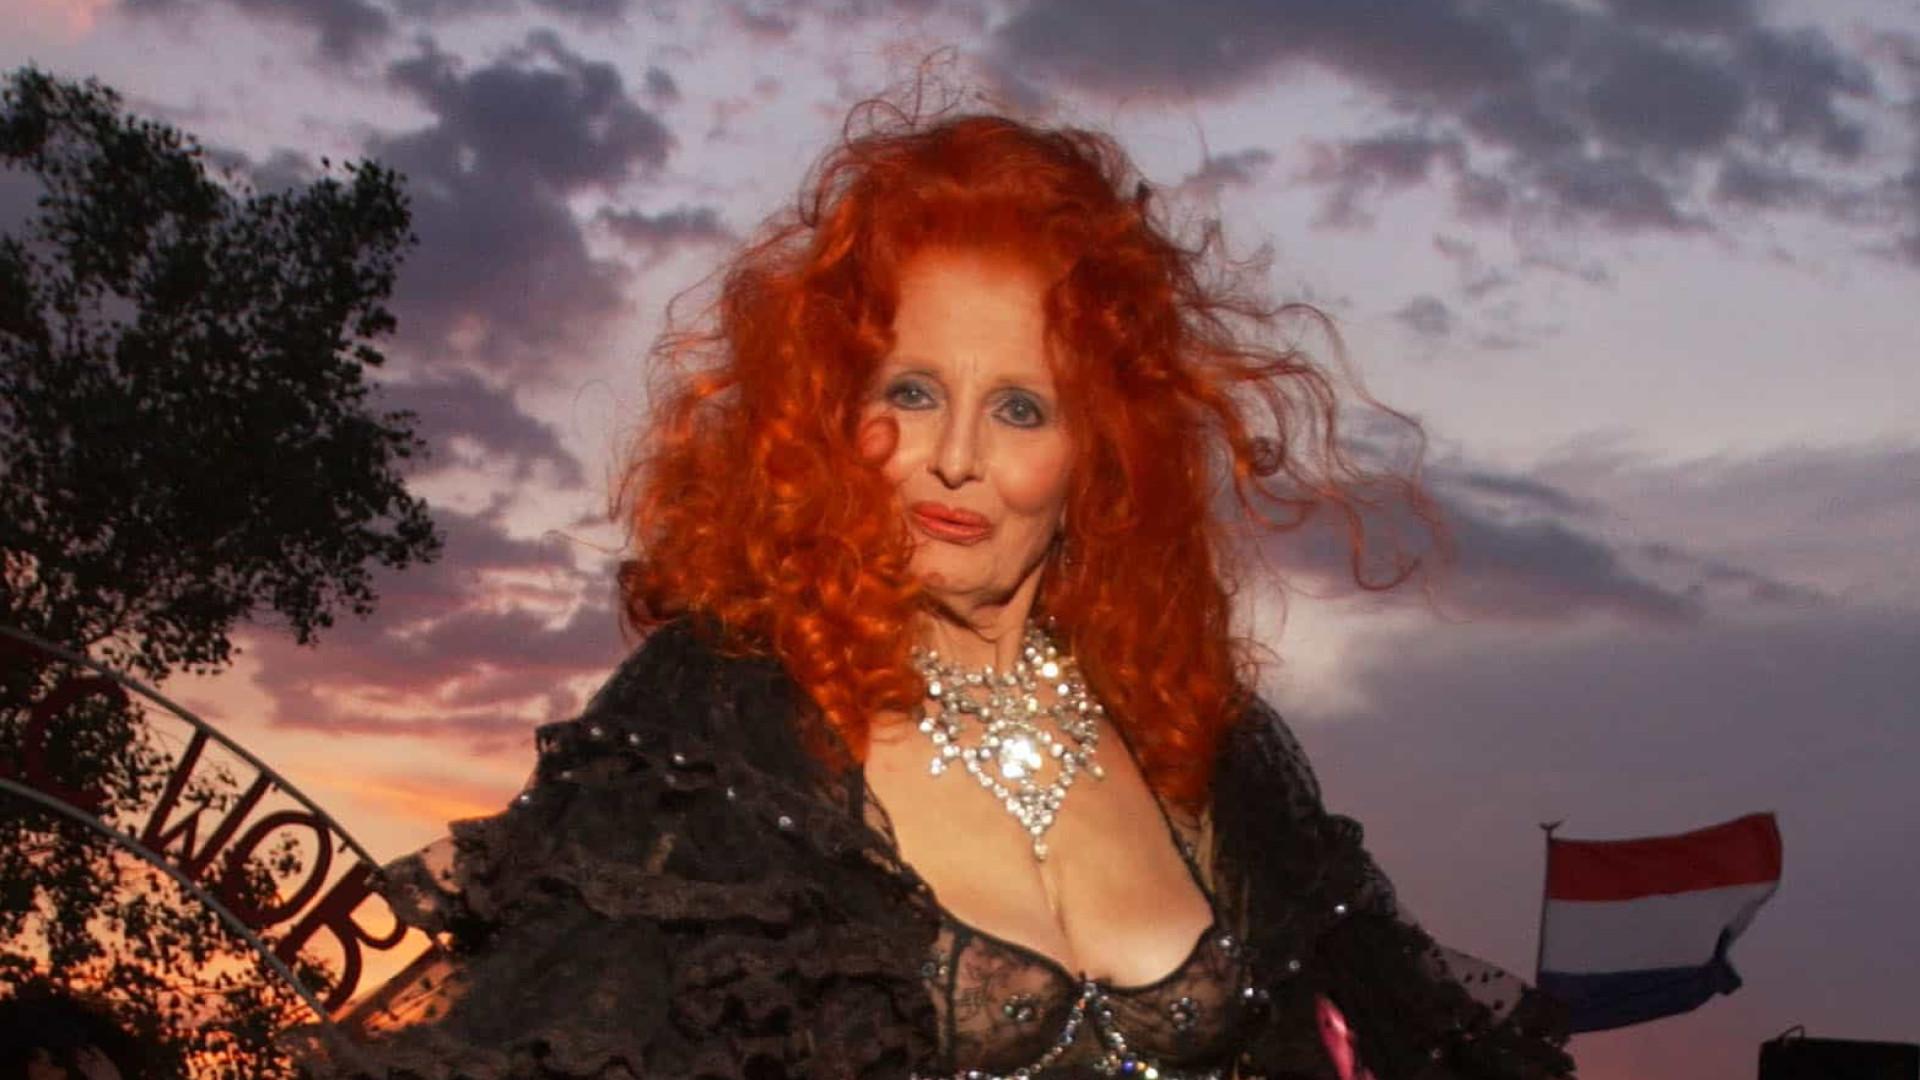 Morre Tempest Storm, atriz burlesca que namorou John F. Kennedy e Elvis